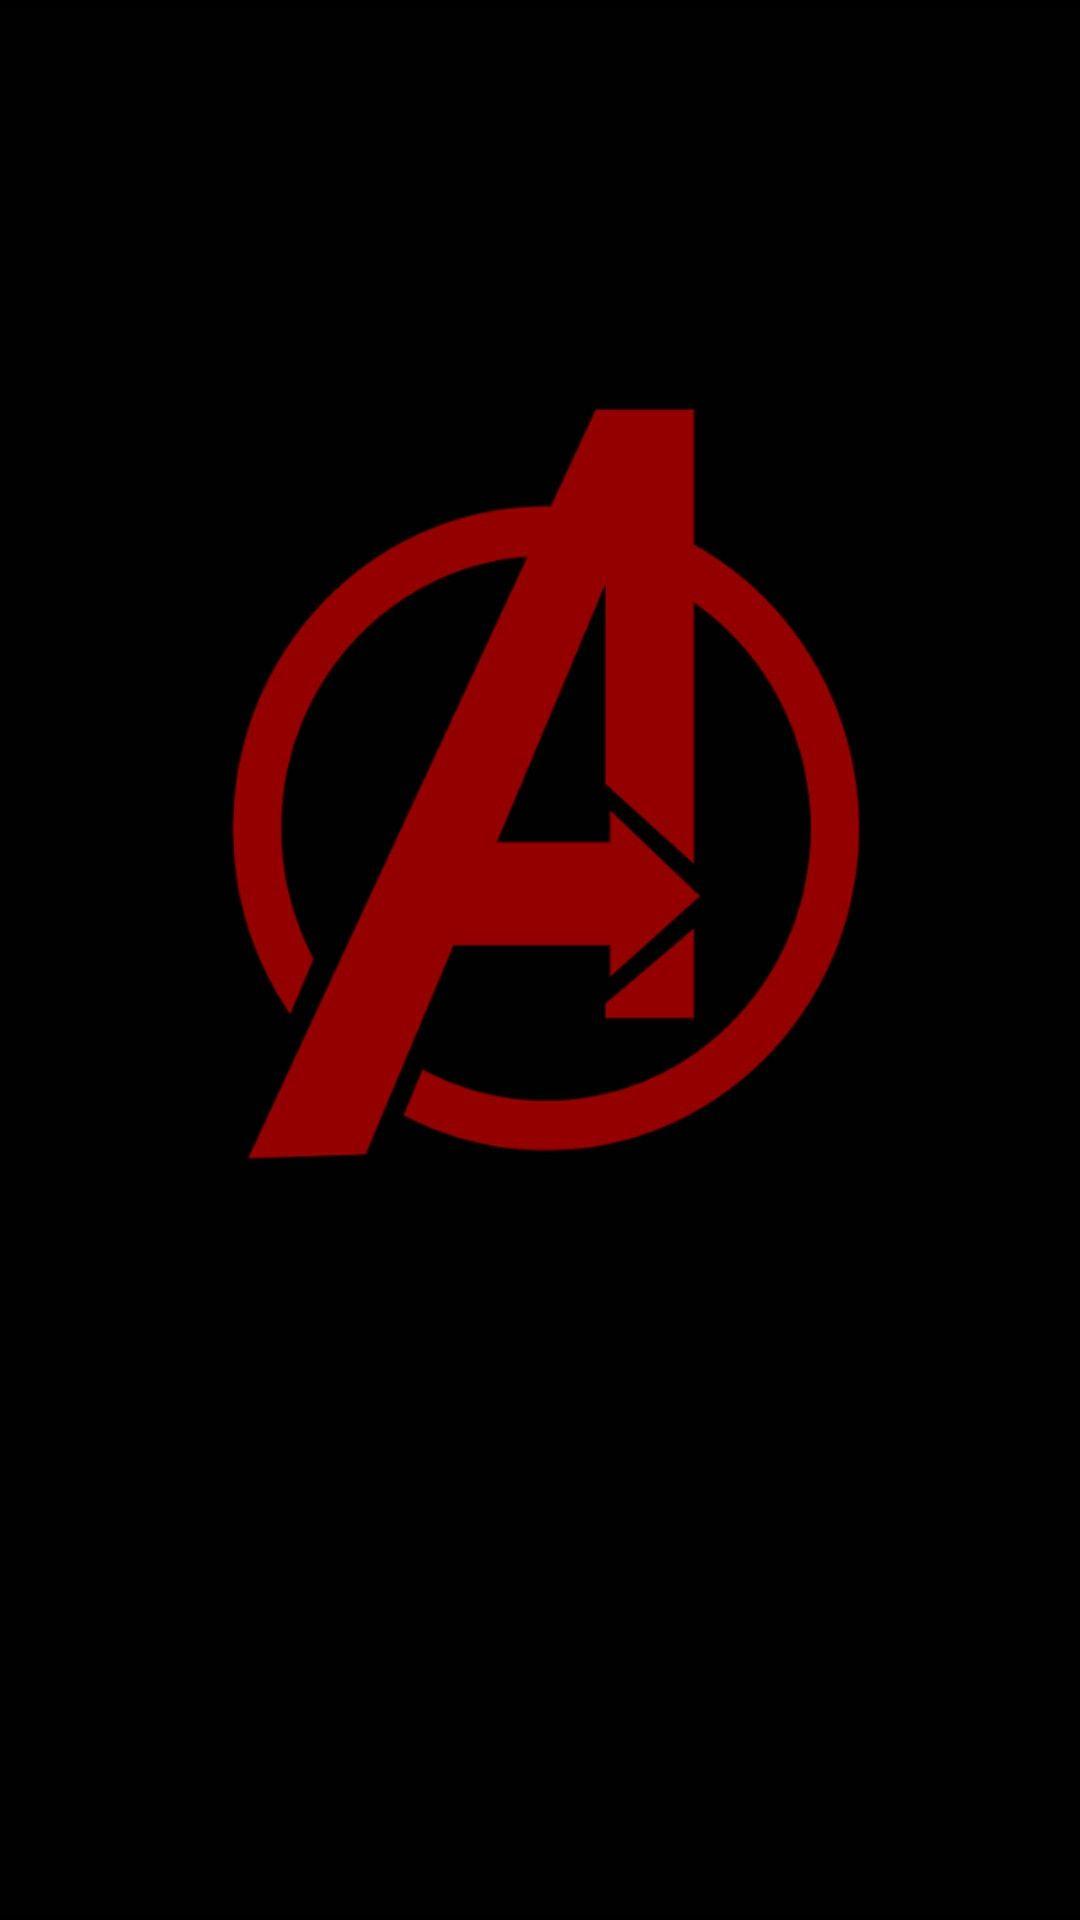 Pin By Christina Eiler On Marvel Avengers Wallpaper Logo Wallpaper Hd Avengers Logo